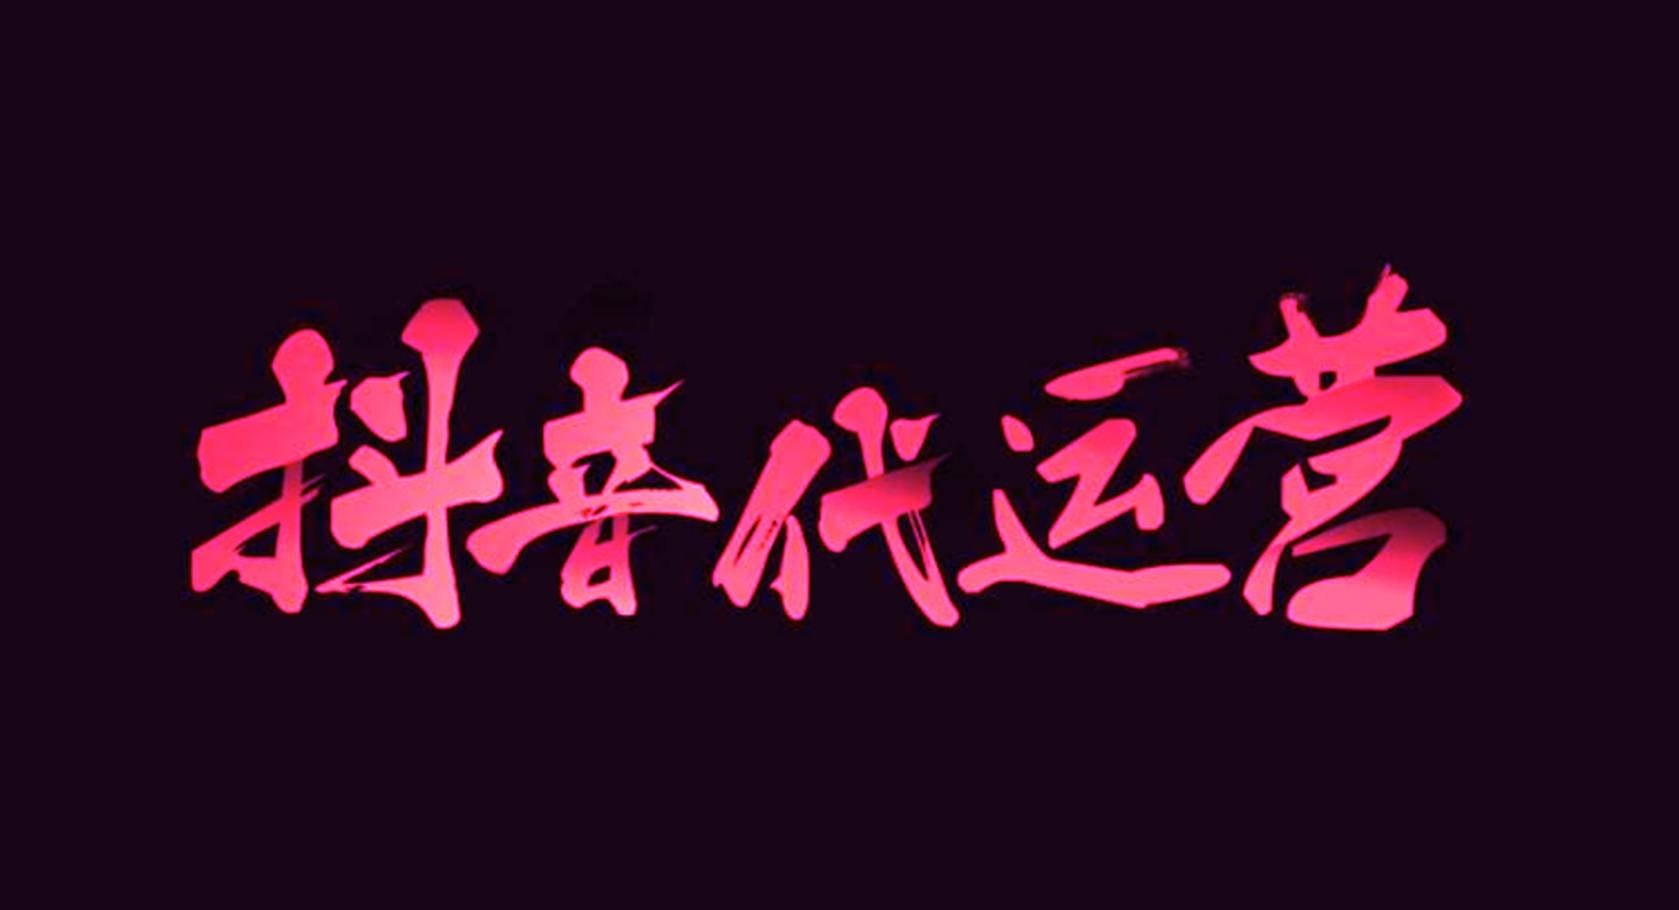 网红推广团队